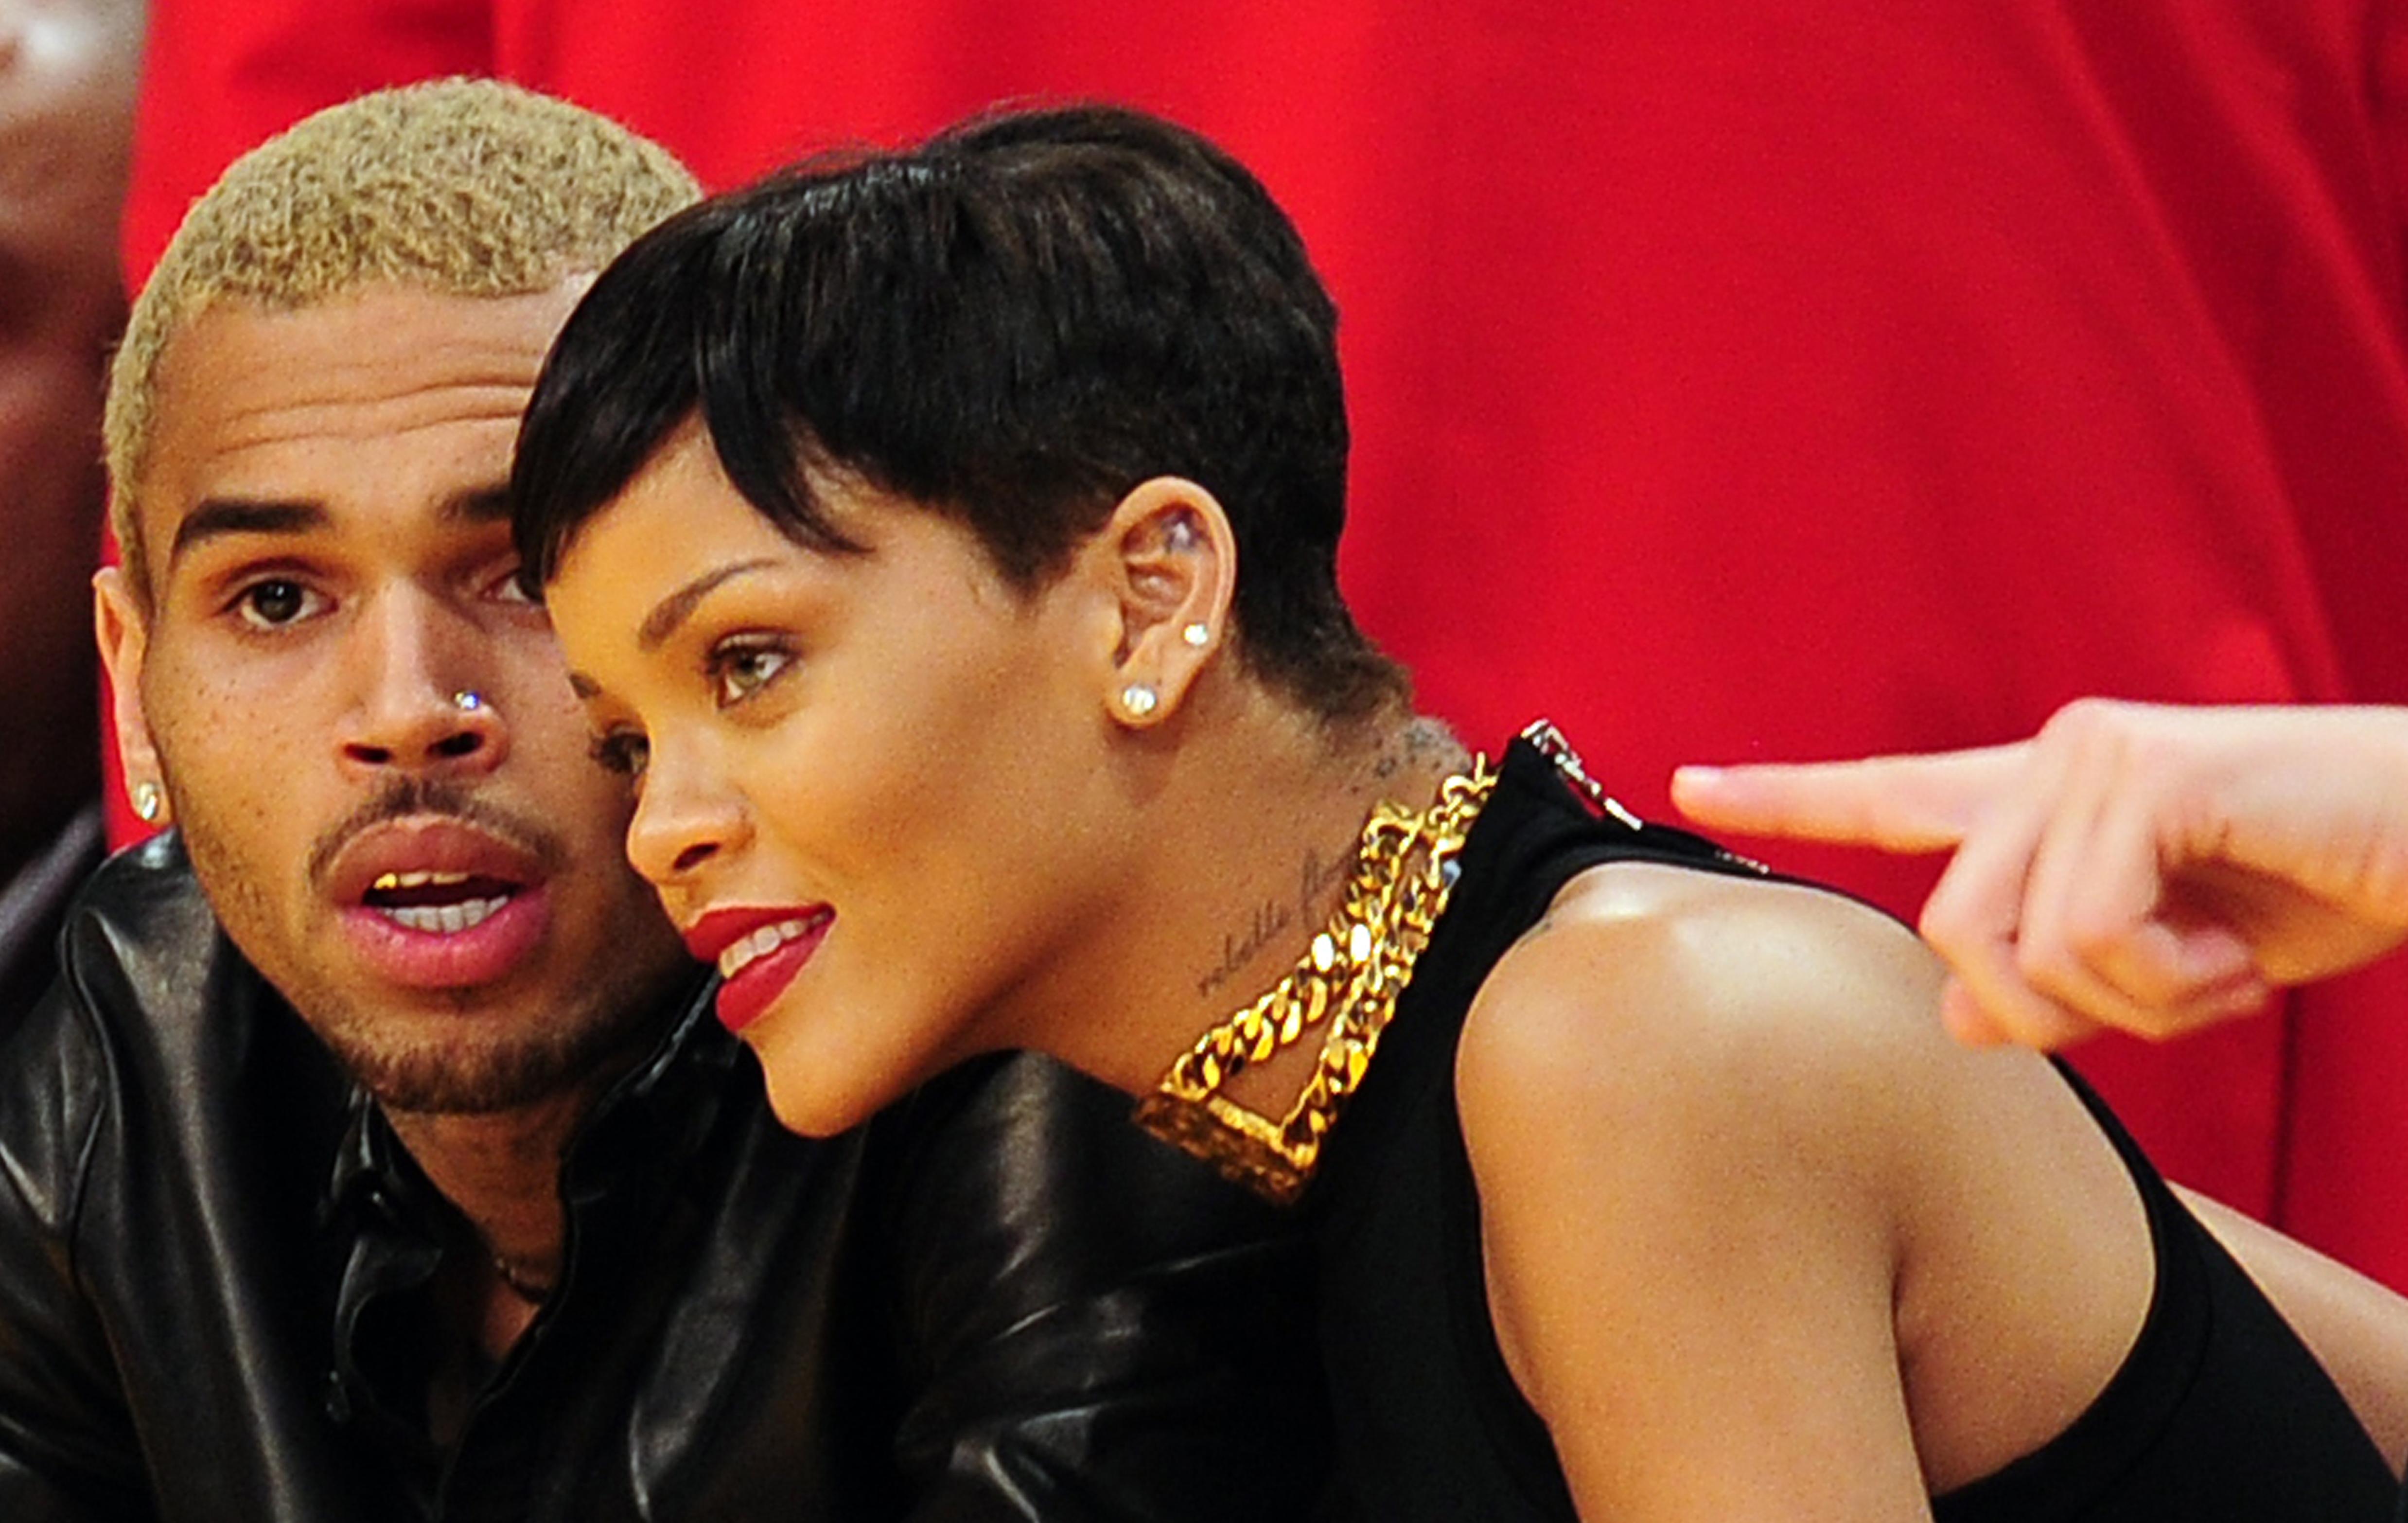 Olyan reklám futott a Snapchaten, ami Rihanna megveréséből csinált viccet